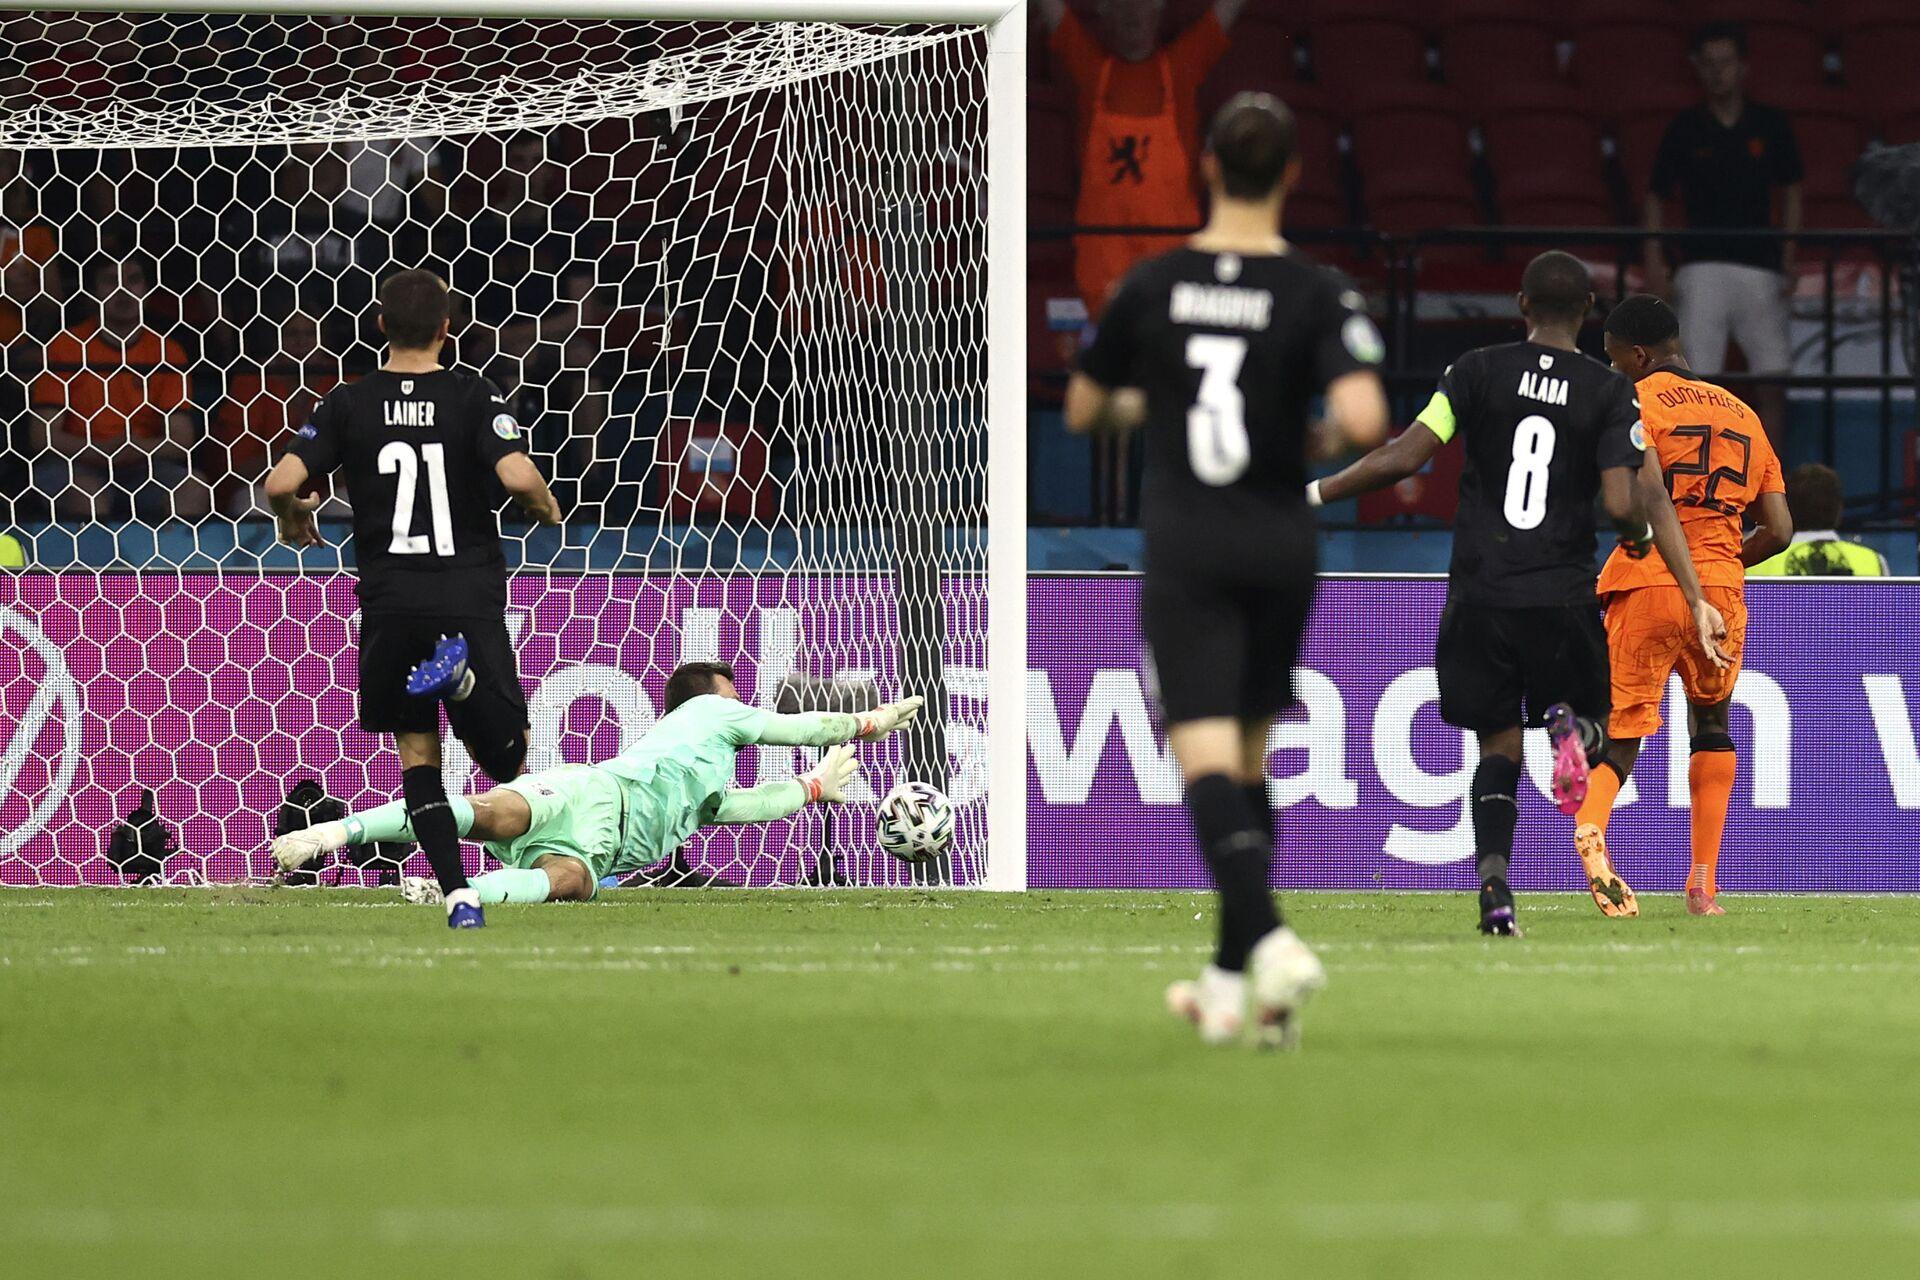 Đội tuyển Hà Lan thắng đội tuyển Áo trong vòng bảng EURO 2020 với tỷ số 2:0 - Sputnik Việt Nam, 1920, 18.06.2021